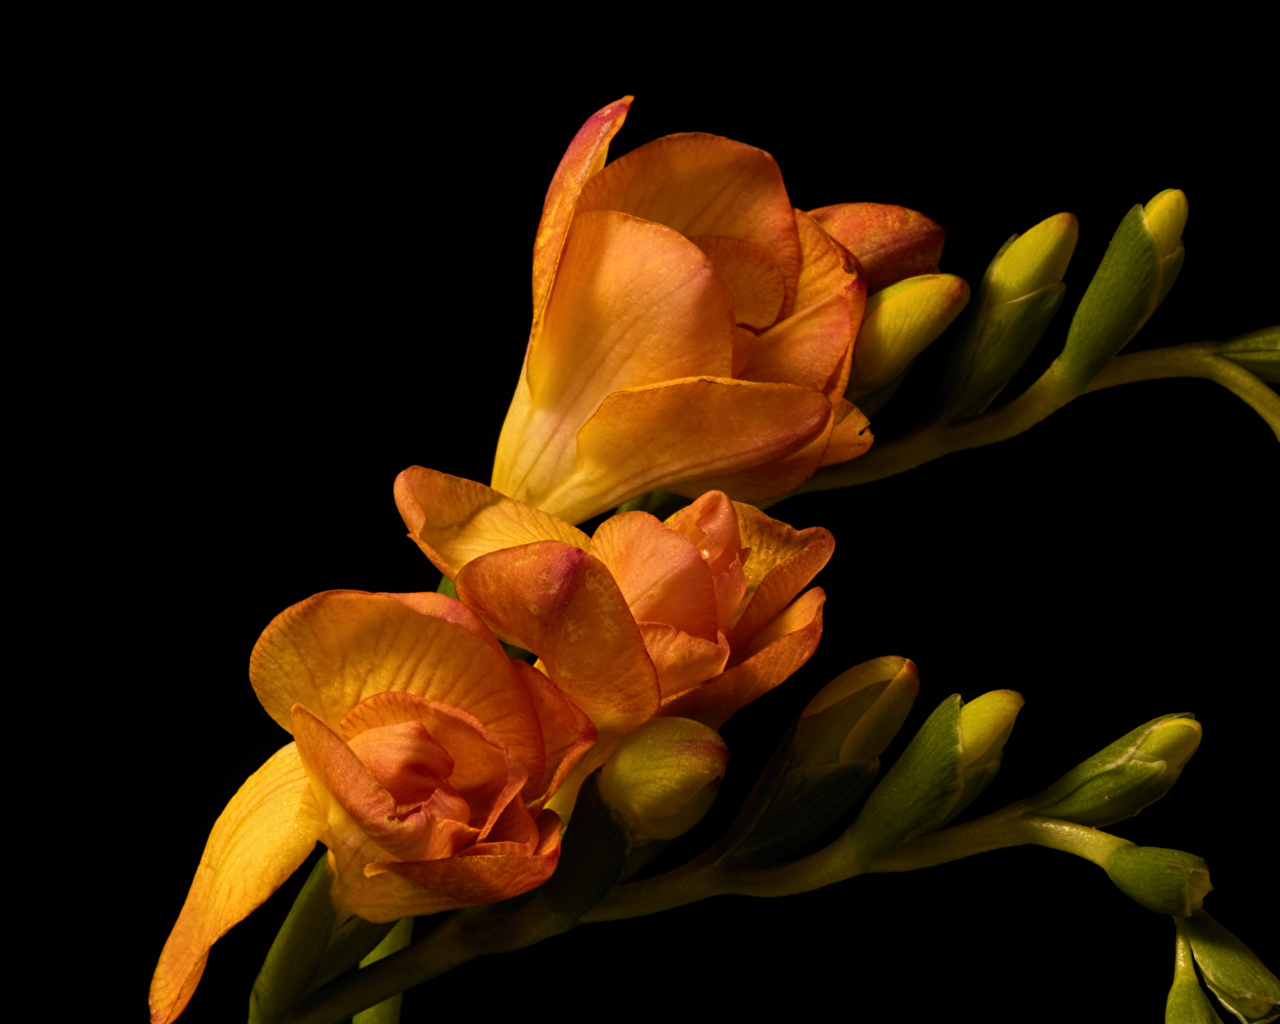 Fotos Orange Blumen Freesie Knospe Großansicht Schwarzer Hintergrund Blüte Freesien hautnah Nahaufnahme Blütenknospe